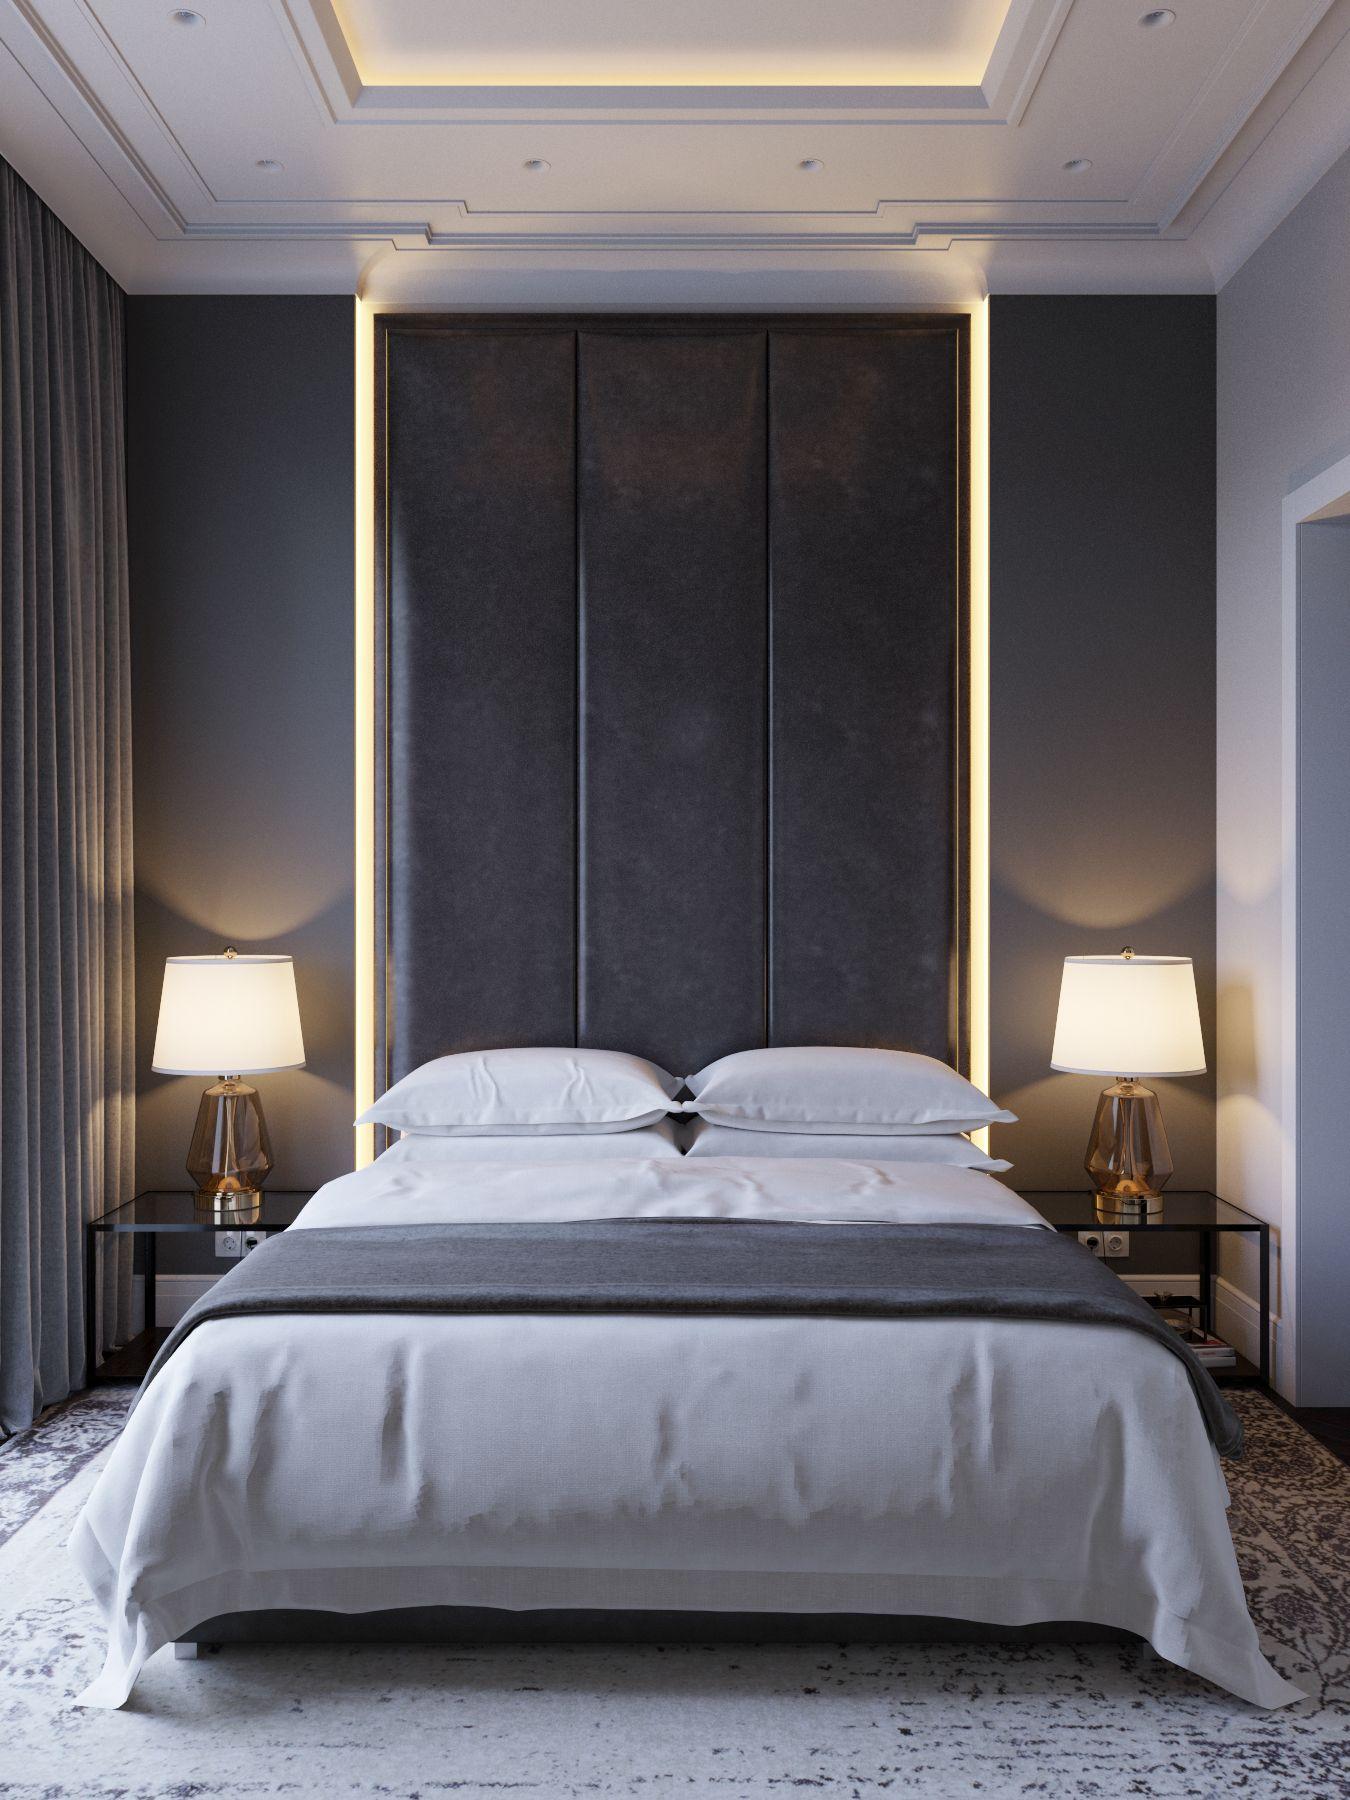 photos bedrooms rooms contemporary design modern designs interior ideas bedroom hotel